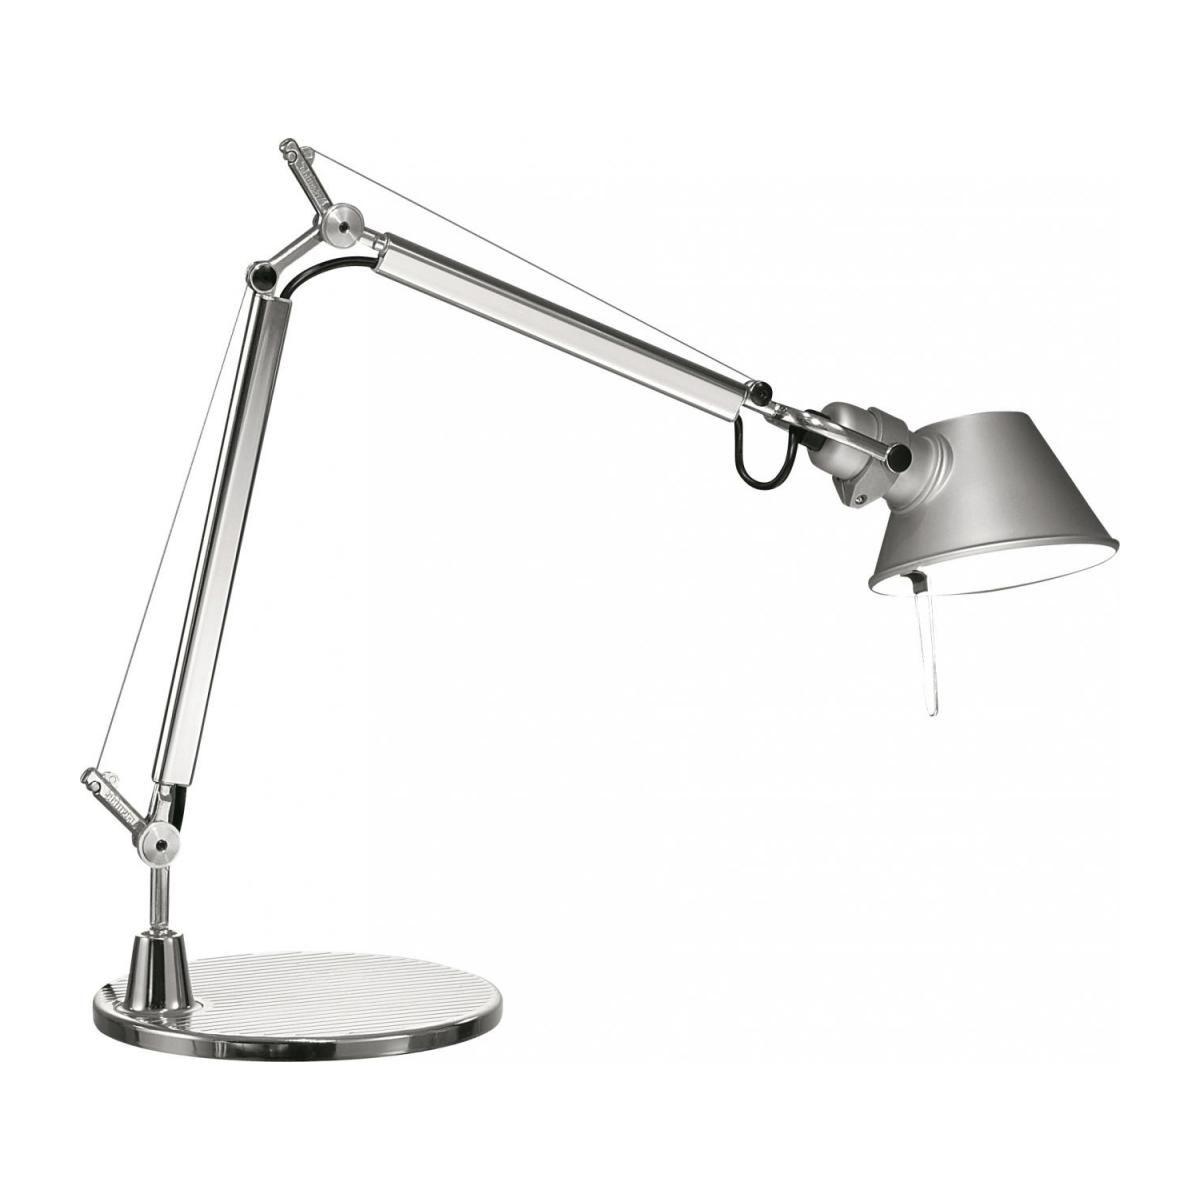 Petite Lampe A Poser Tolomeo Faretto Micro Lampes Modernes Lampe A Poser Petite Lampe